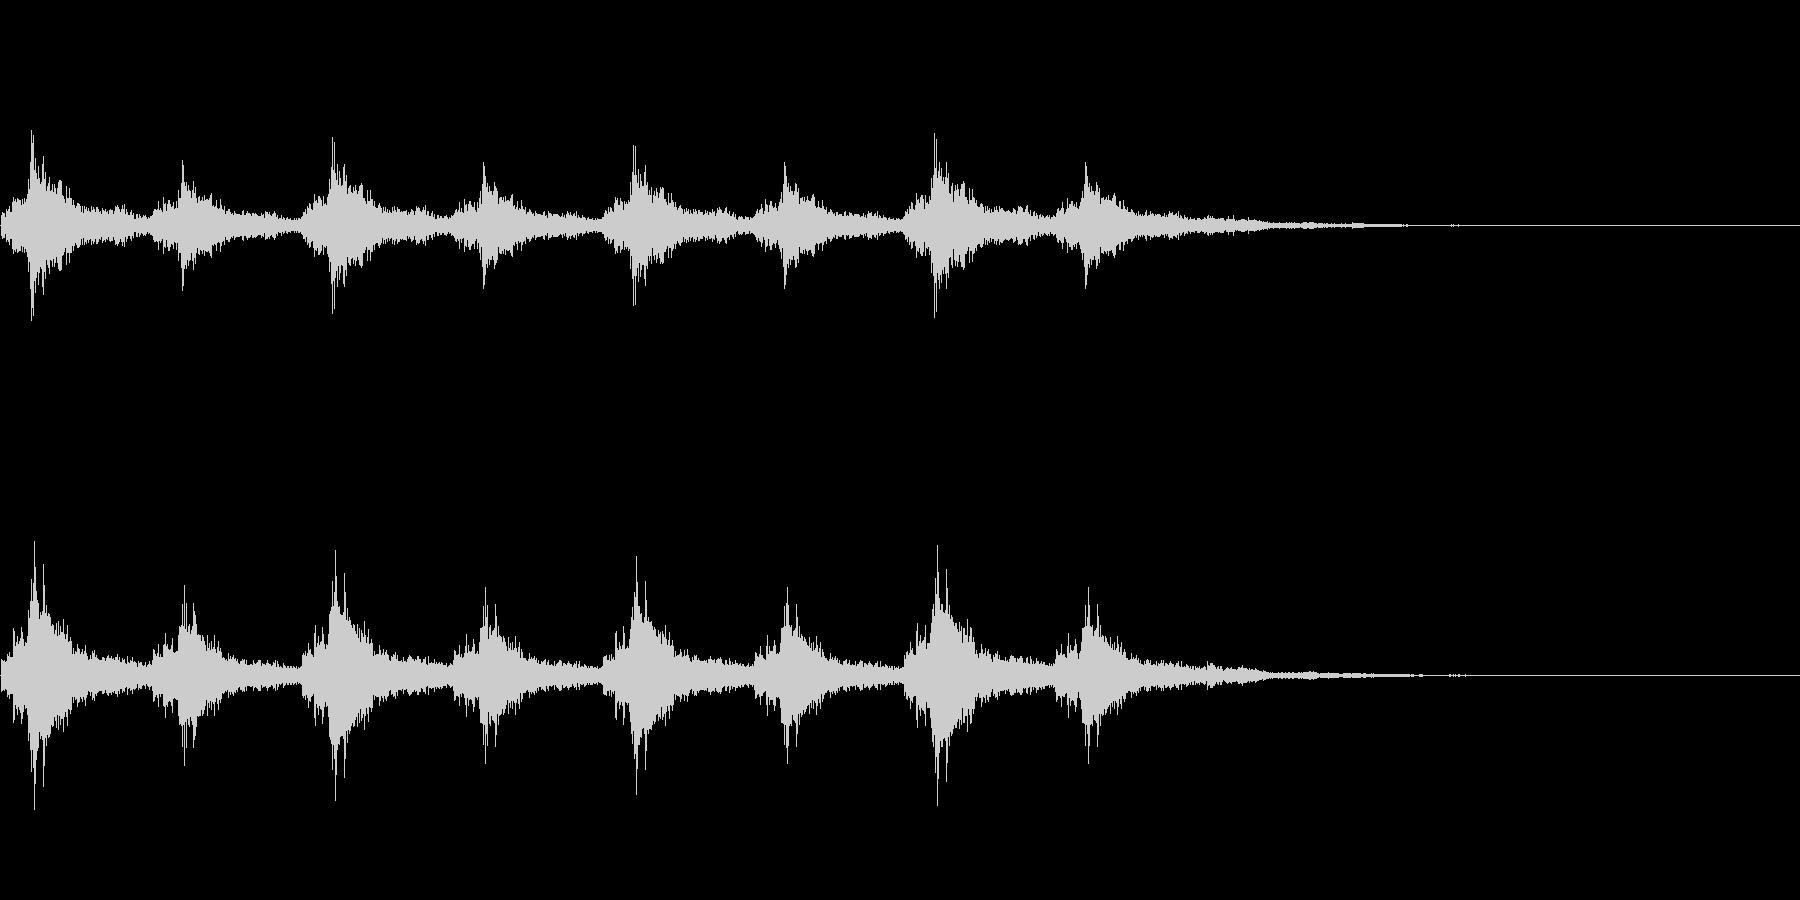 シャンシャン(クリスマス・鈴の音)の未再生の波形